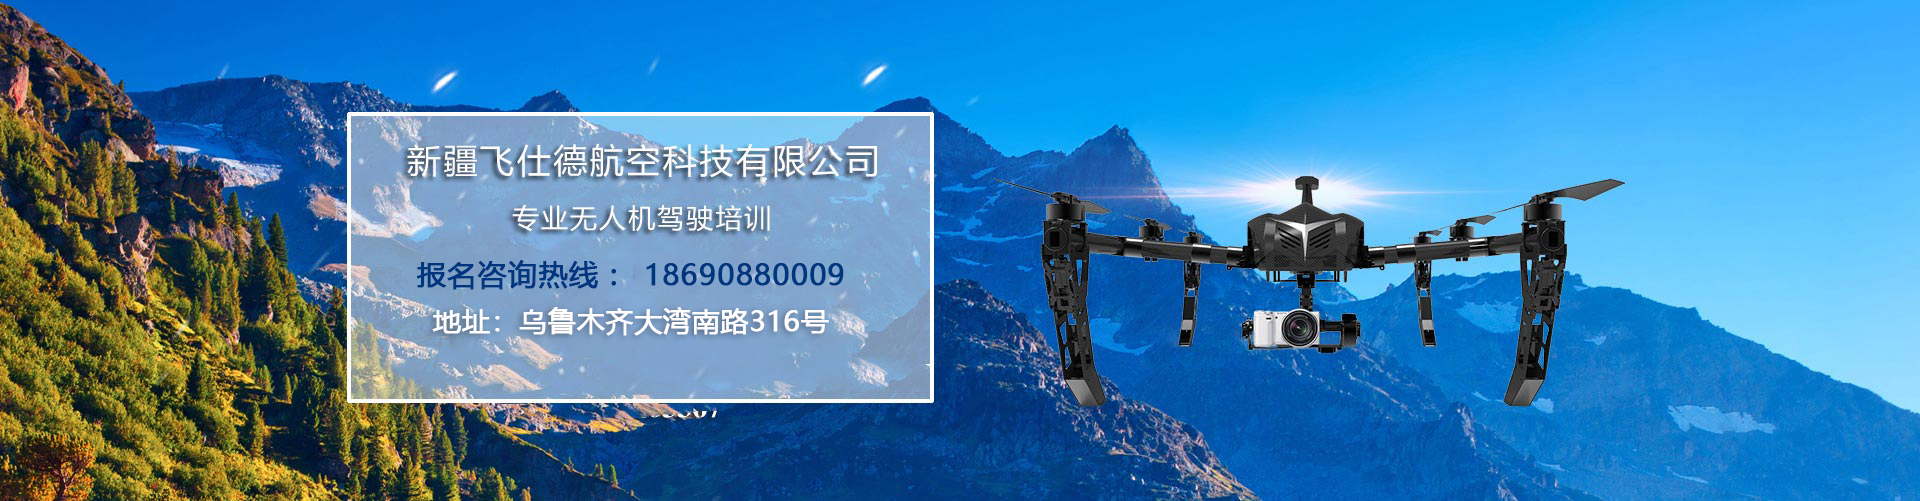 新疆专业无人机驾驶培训电话:18099661313